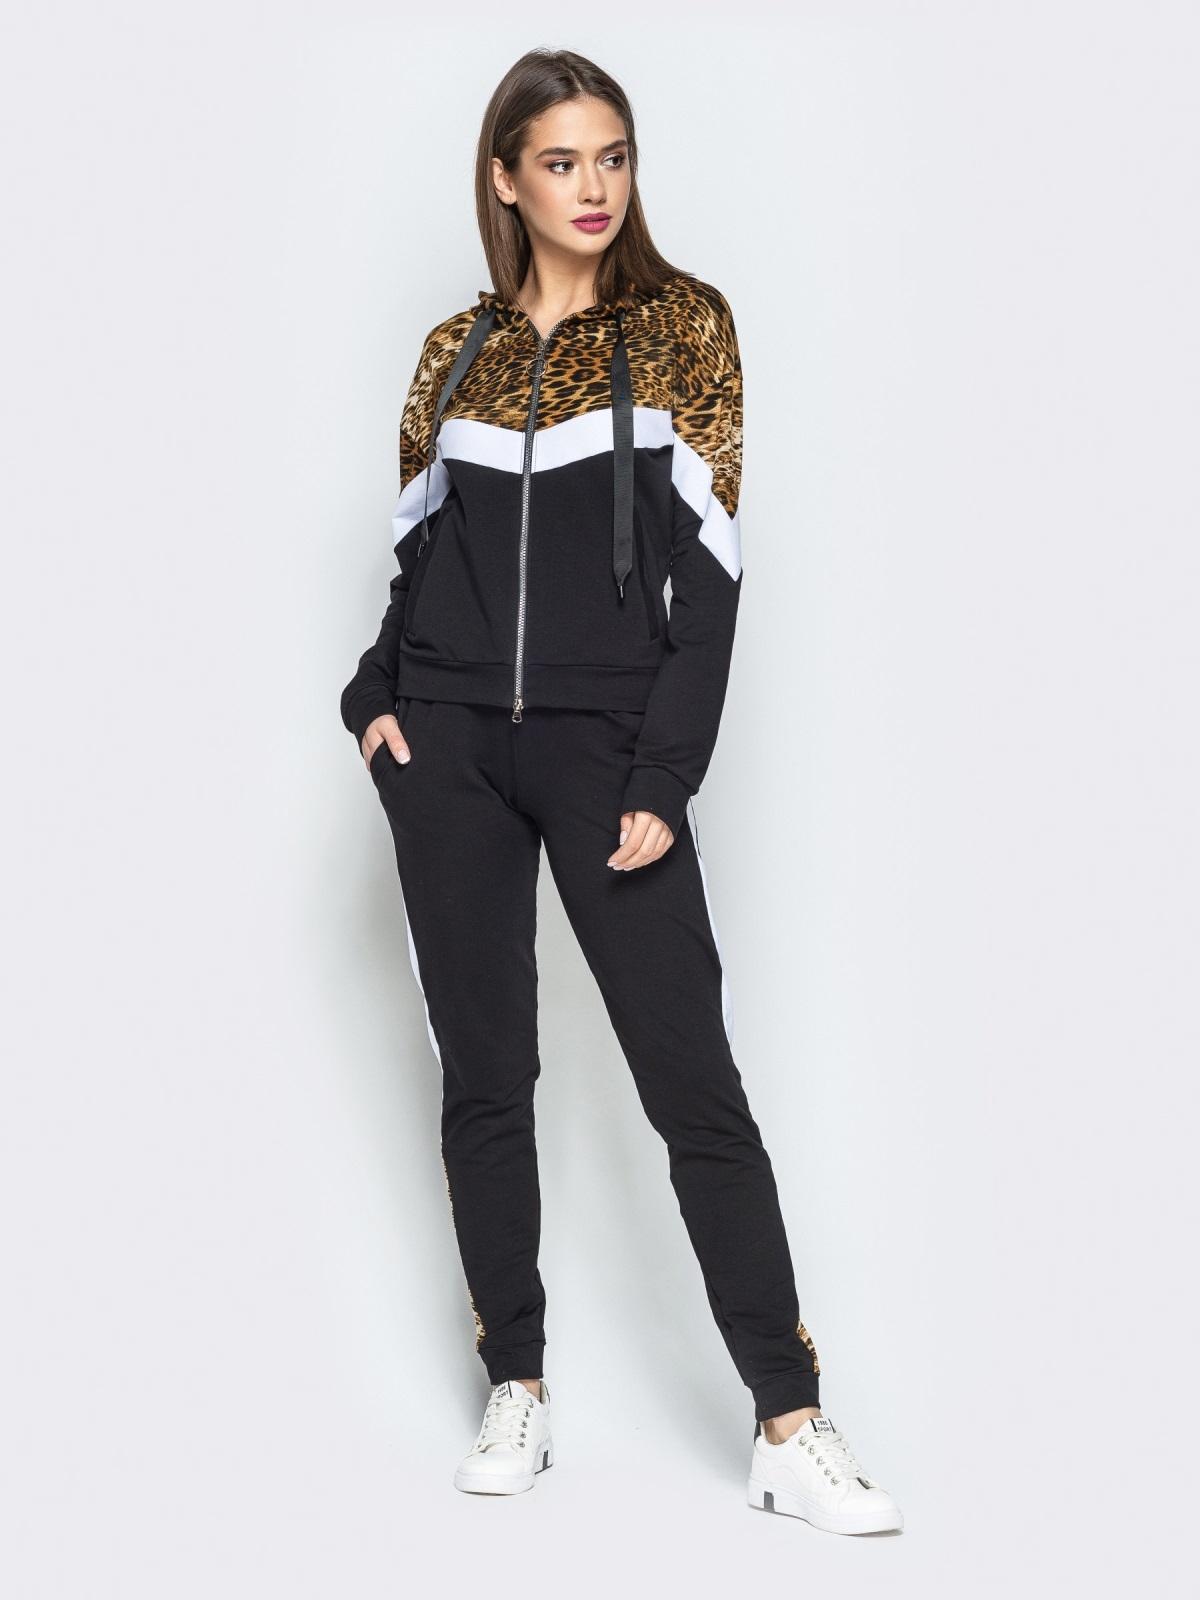 Спортивный костюм с леопардовым принтом на кофте чёрный - 25744, фото 1 – интернет-магазин Dressa